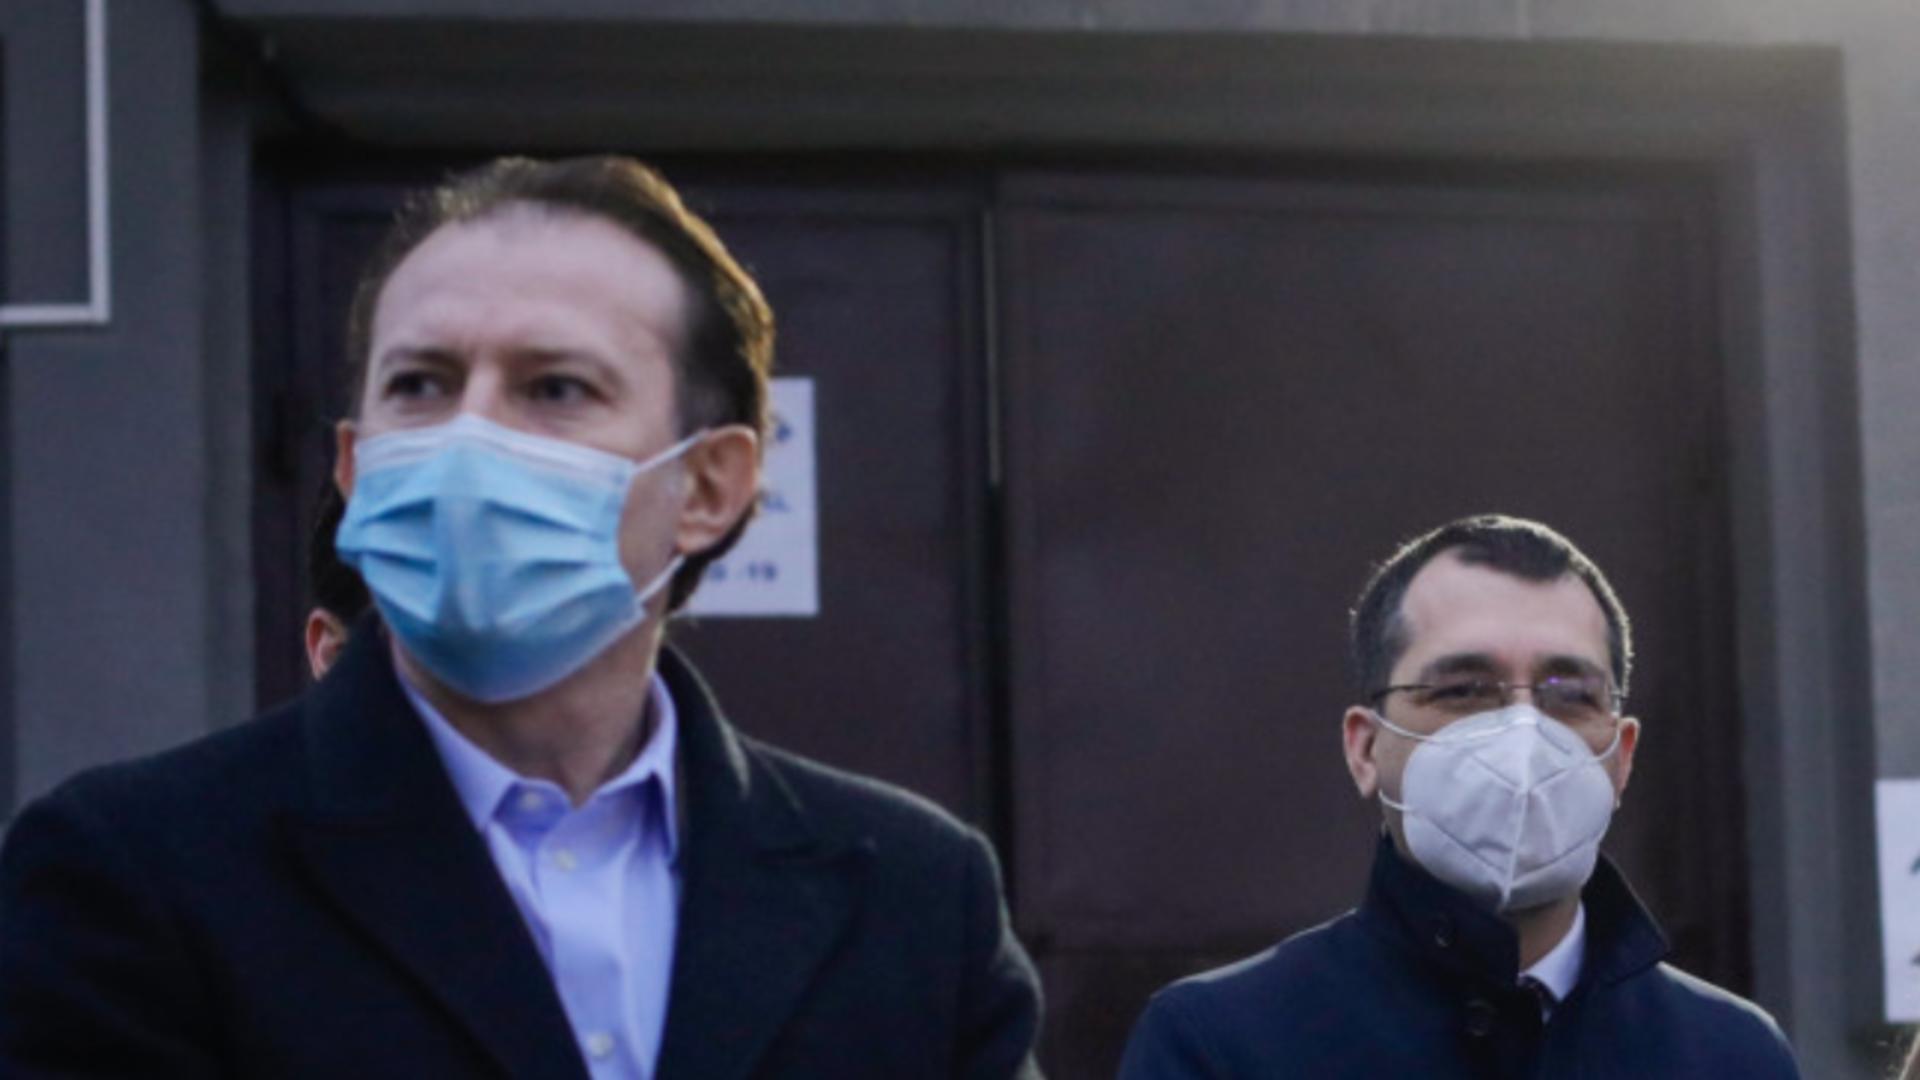 Florin Citu și Vlad Voiculescu, primul ministru USR Plus care a părăsit Guvernul